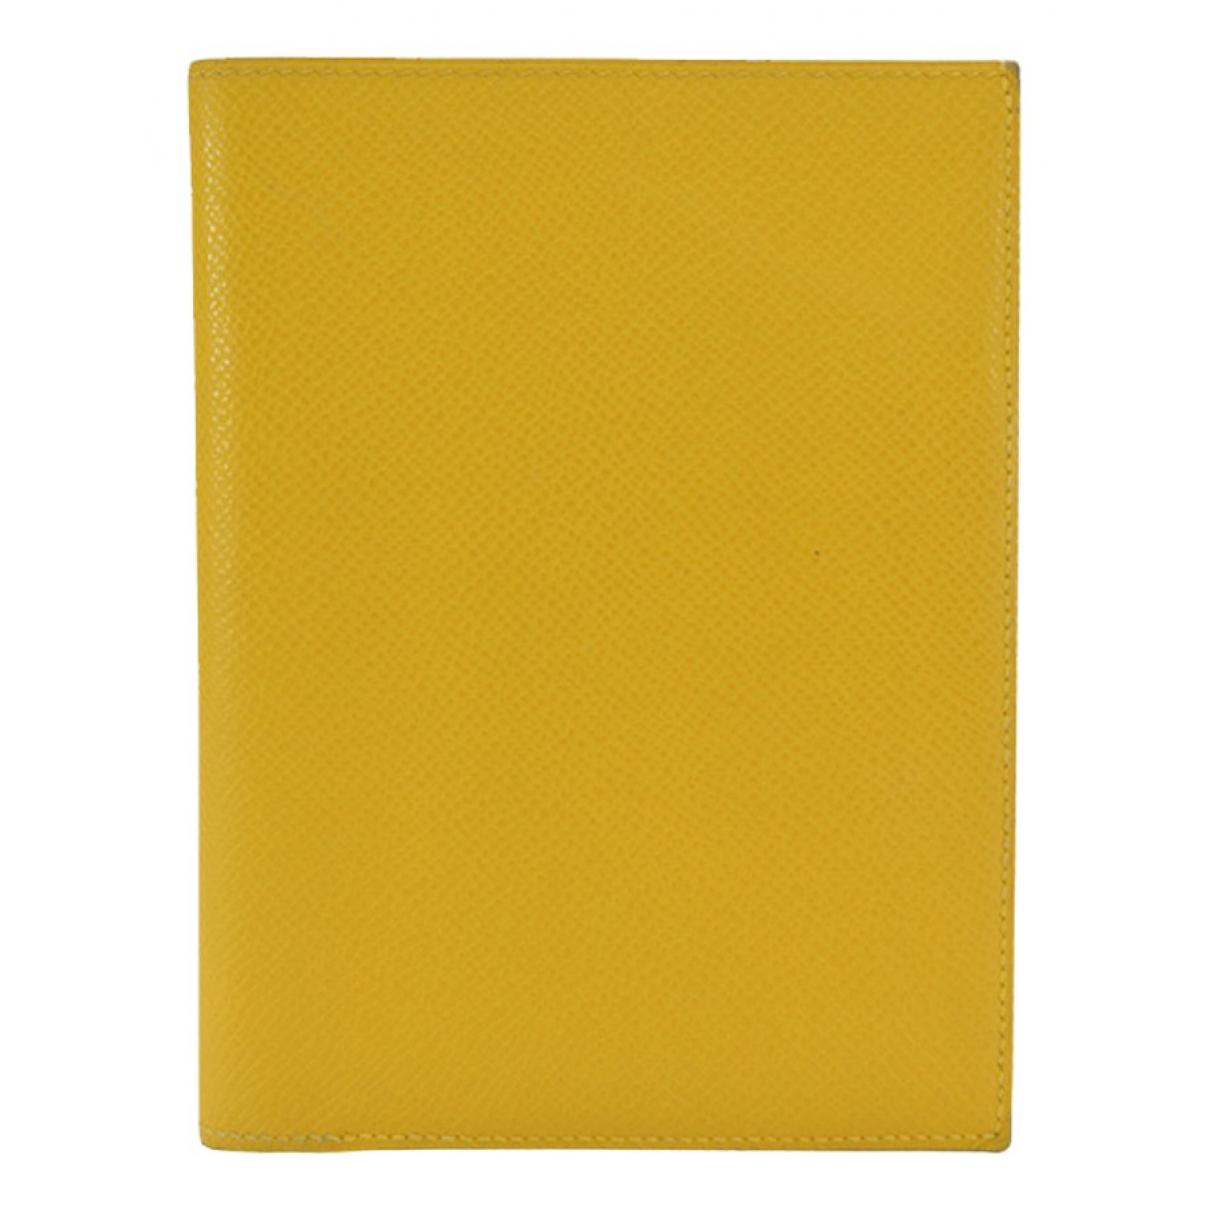 Hermes - Petite maroquinerie   pour homme en cuir - jaune